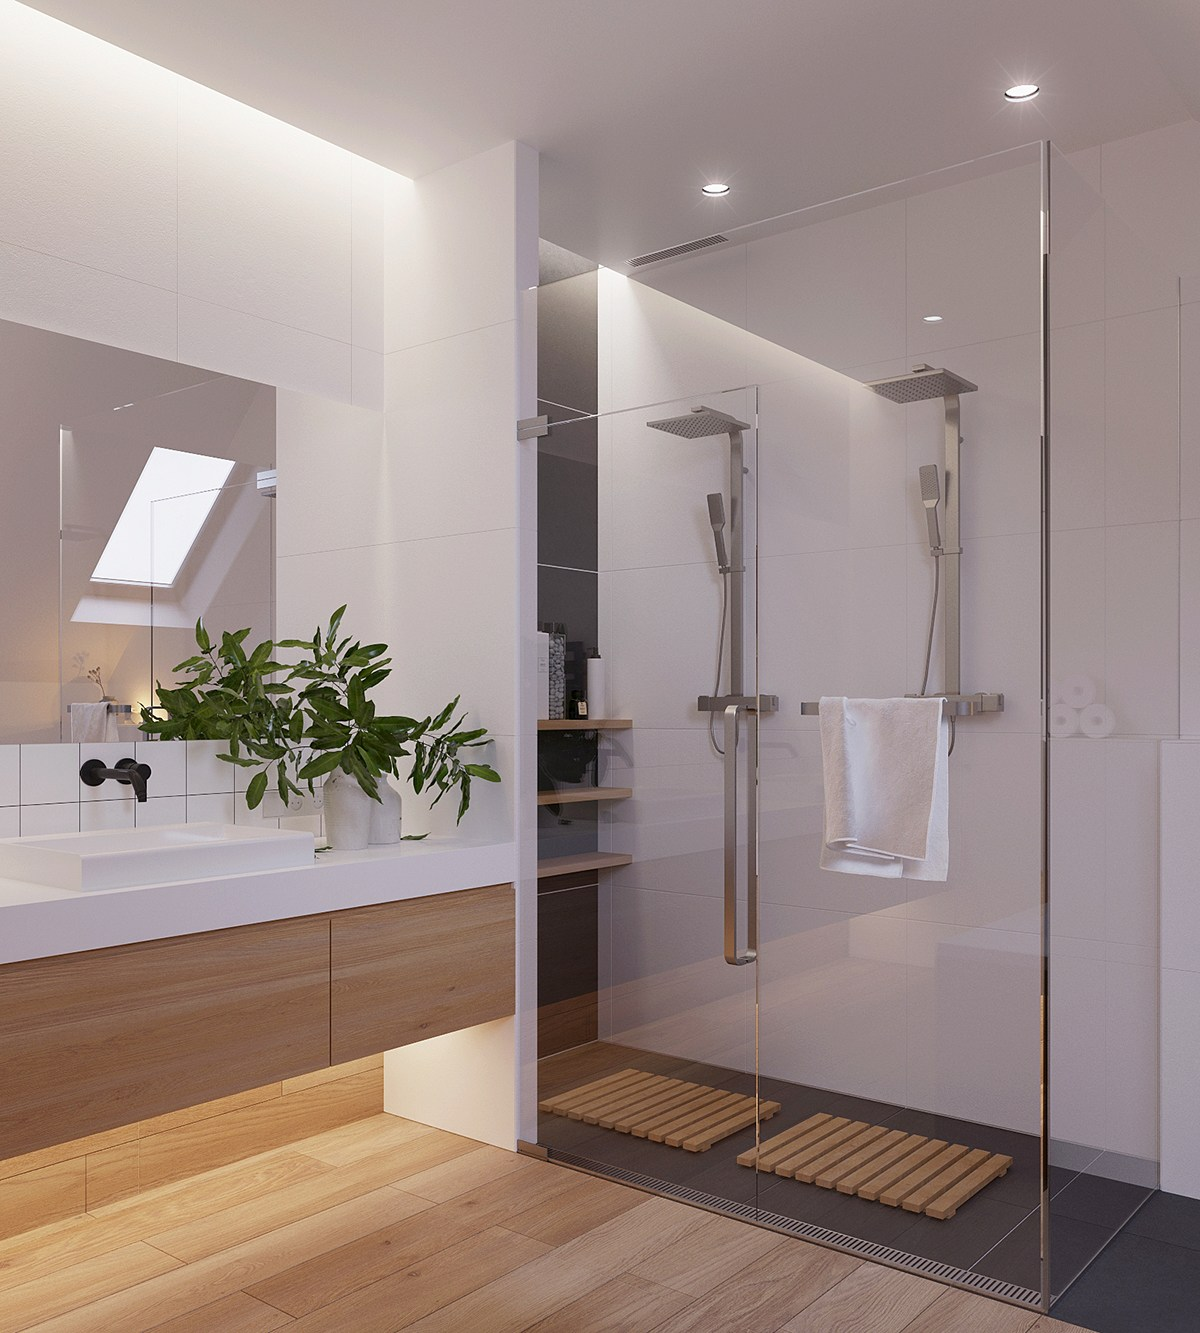 luxe-moderne-badkamer-met-houten-vloer-door-architectenbureau-zrobym